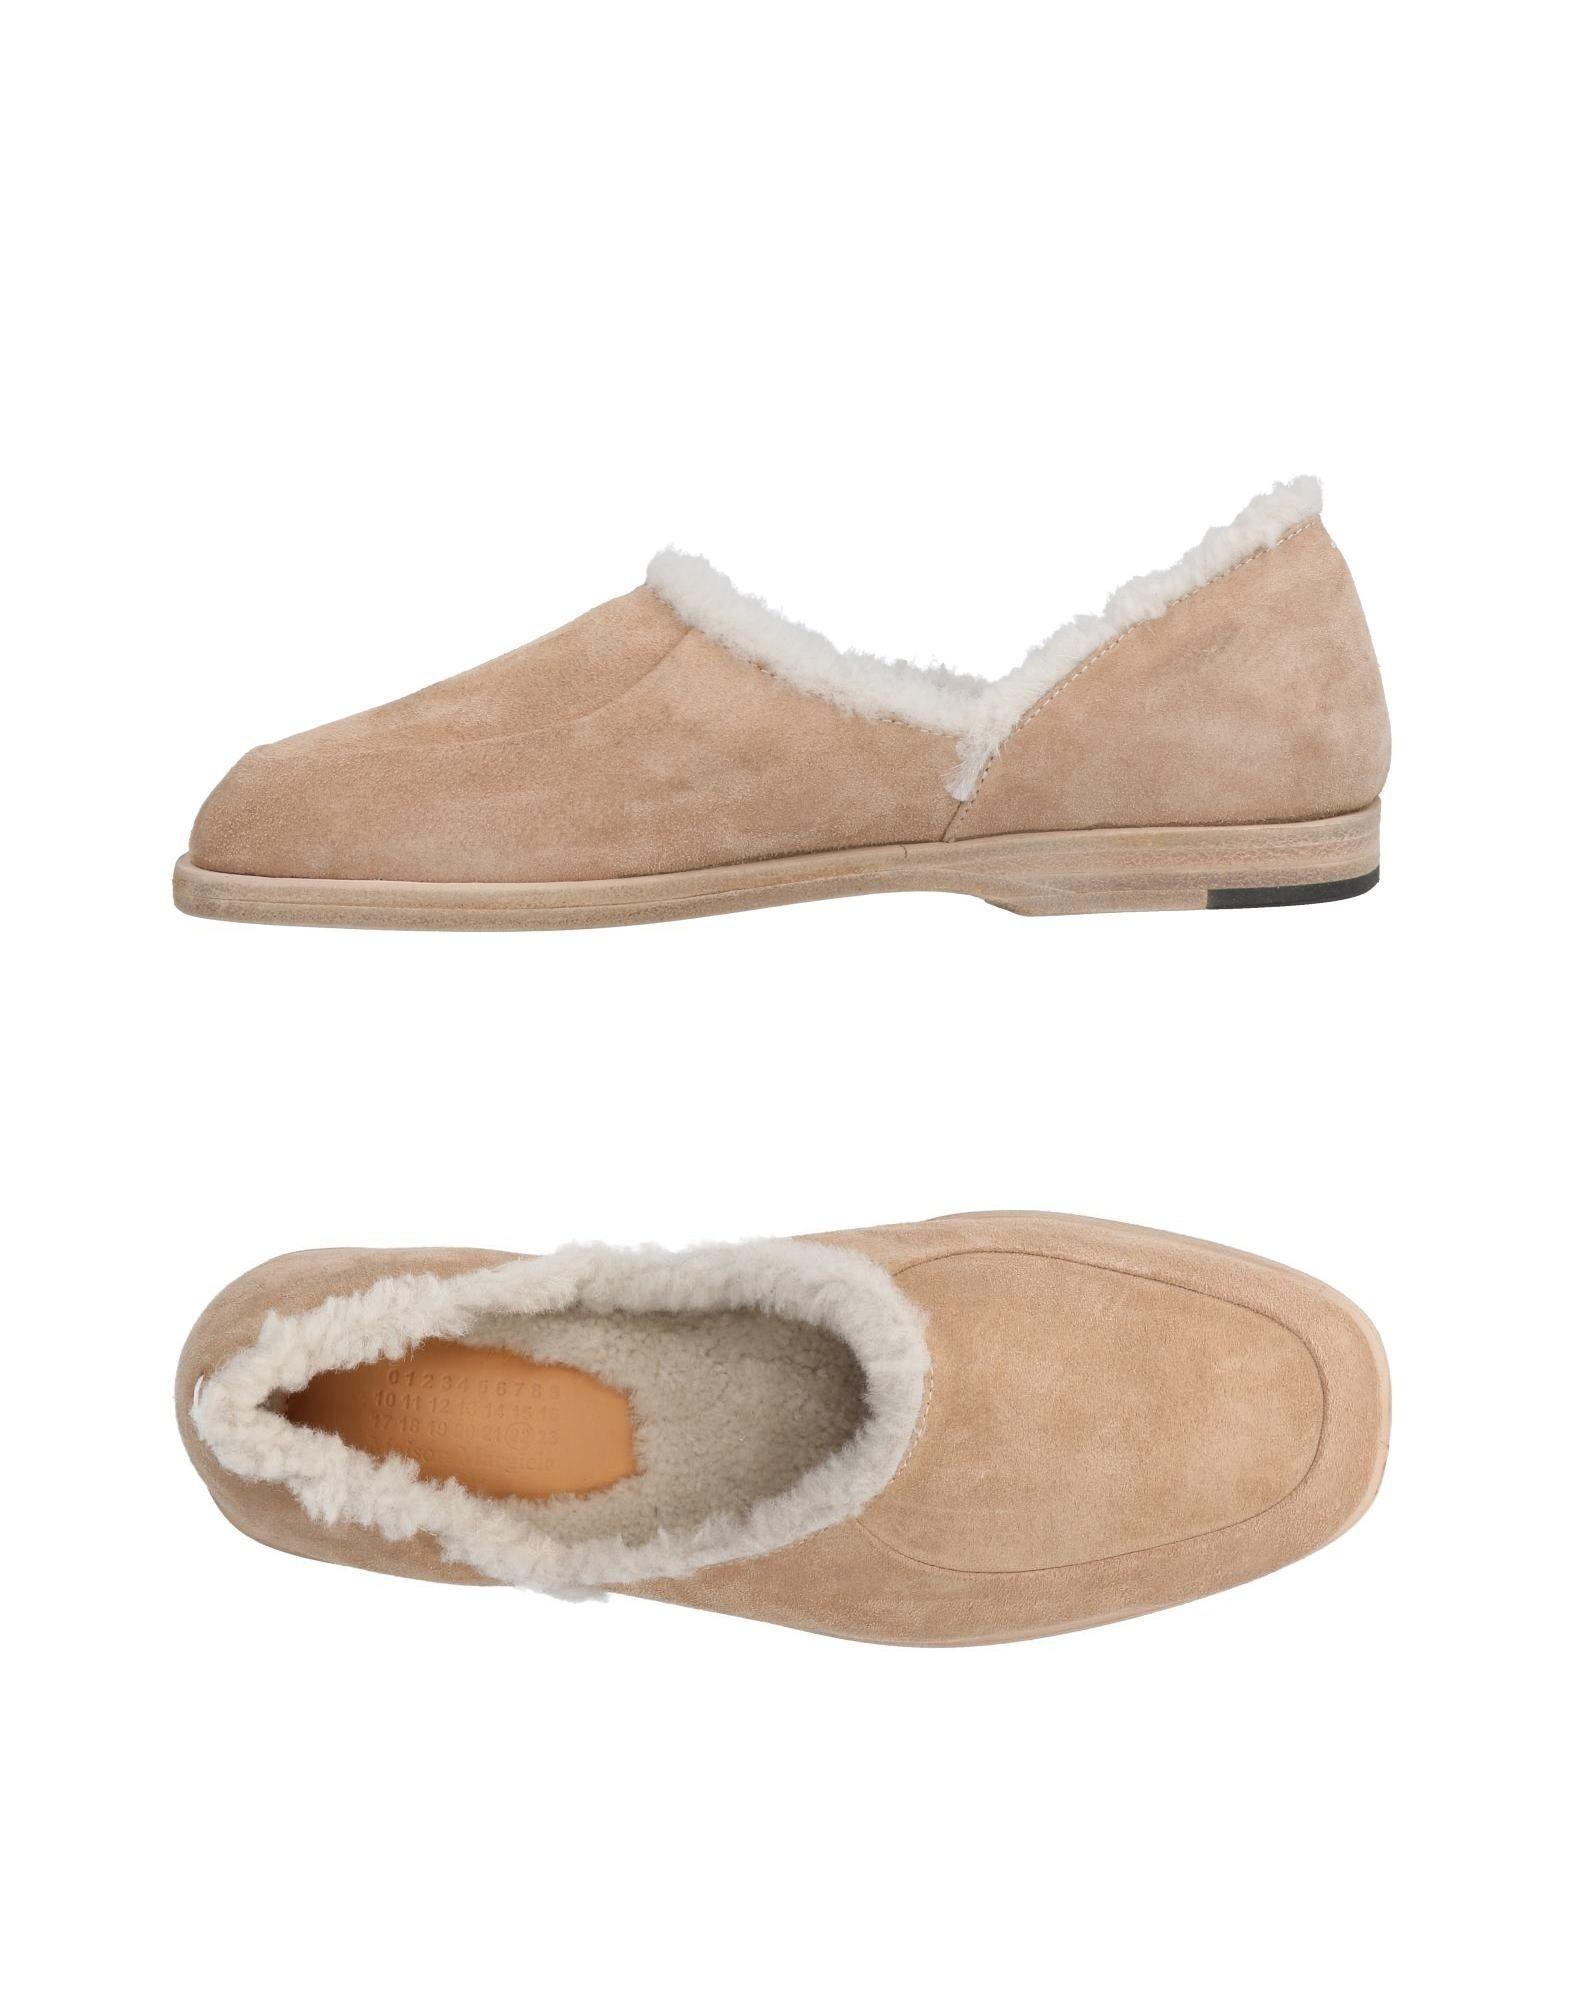 Maison Margiela Mokassins Herren  11472002EW 11472002EW  Neue Schuhe 16ac7b